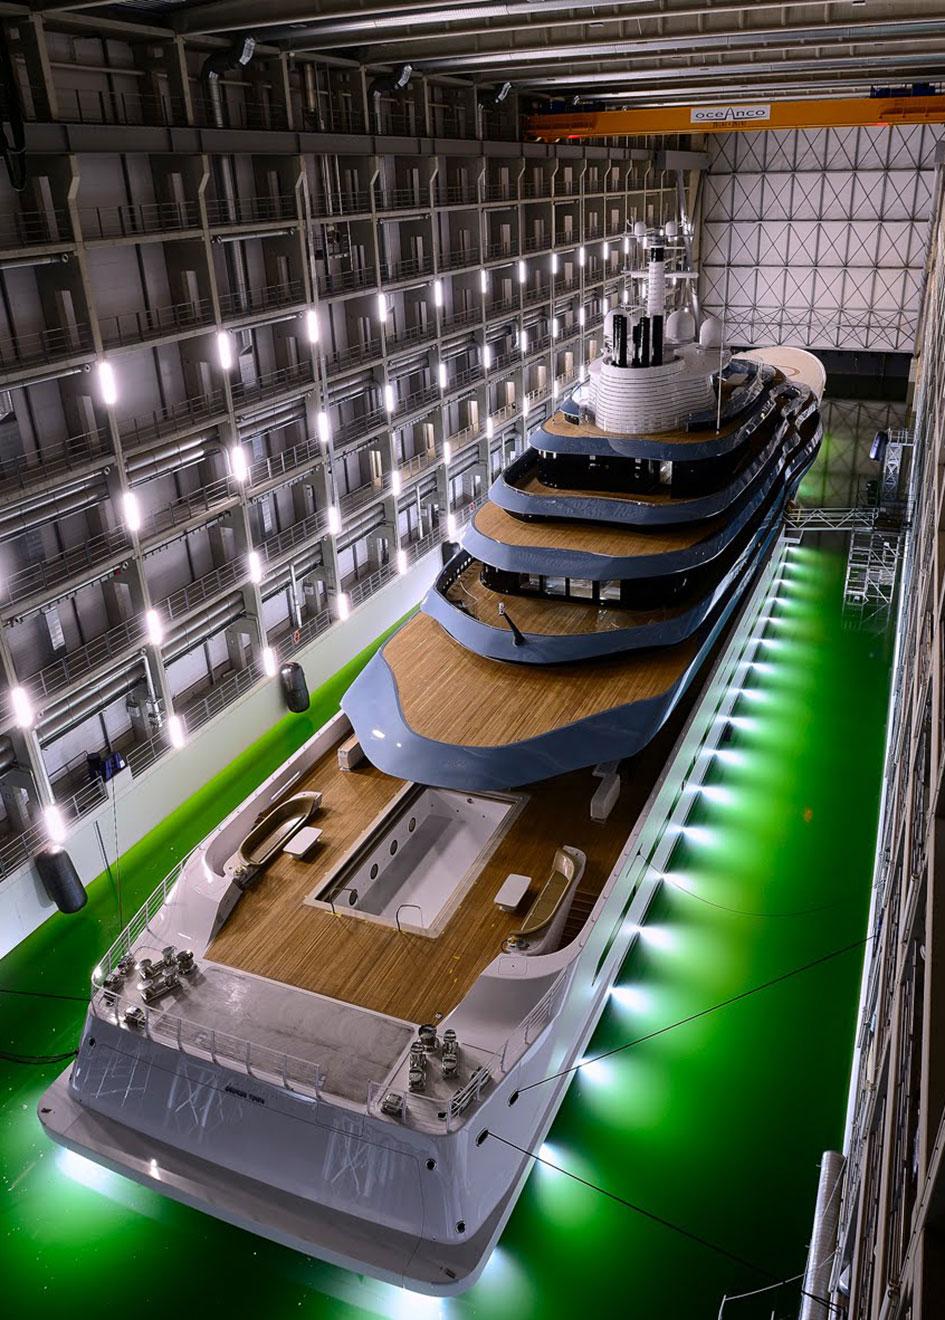 oceanco-superyacht-project-jubilee-in-build